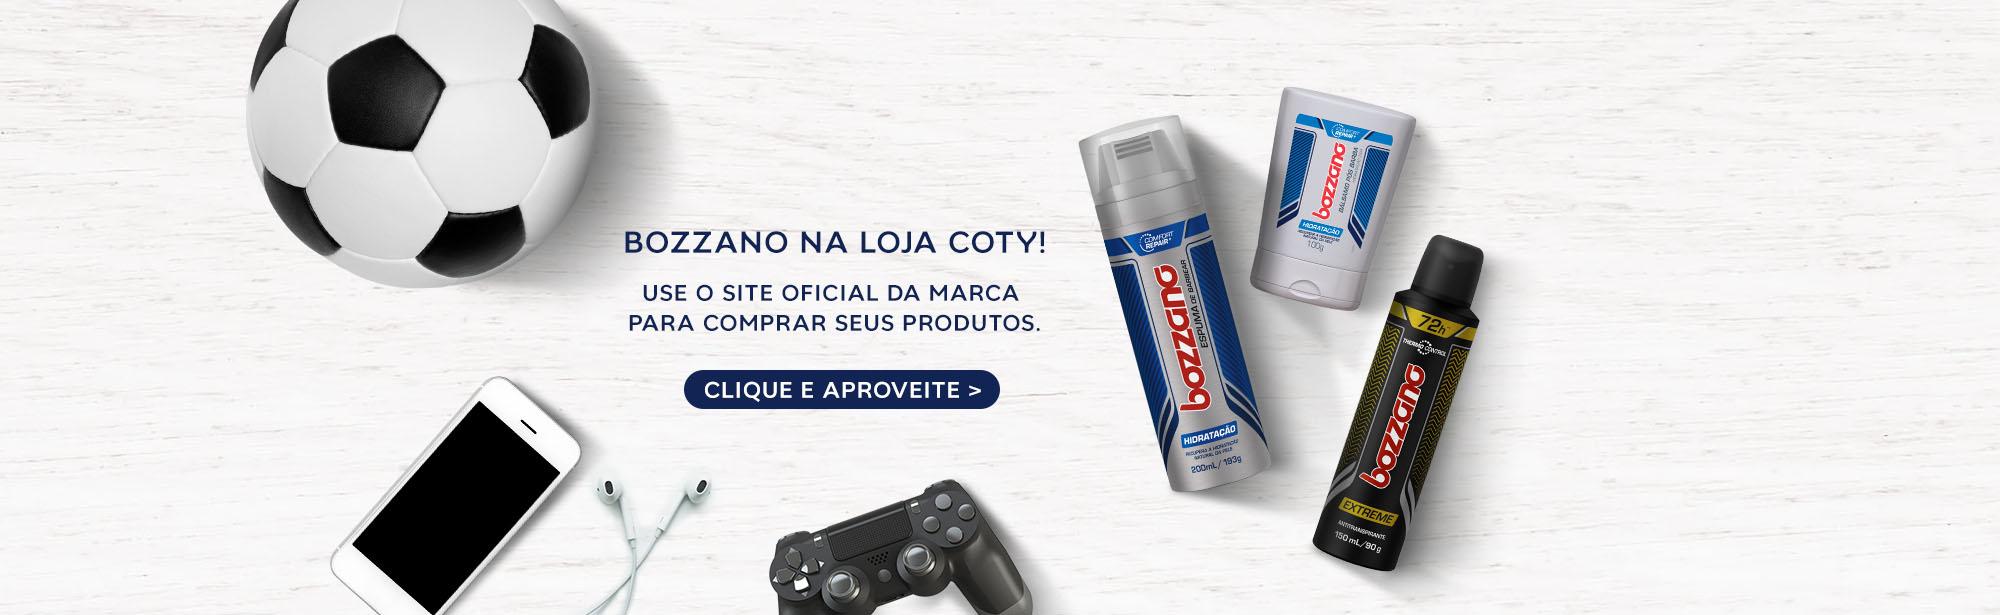 Loja Coty